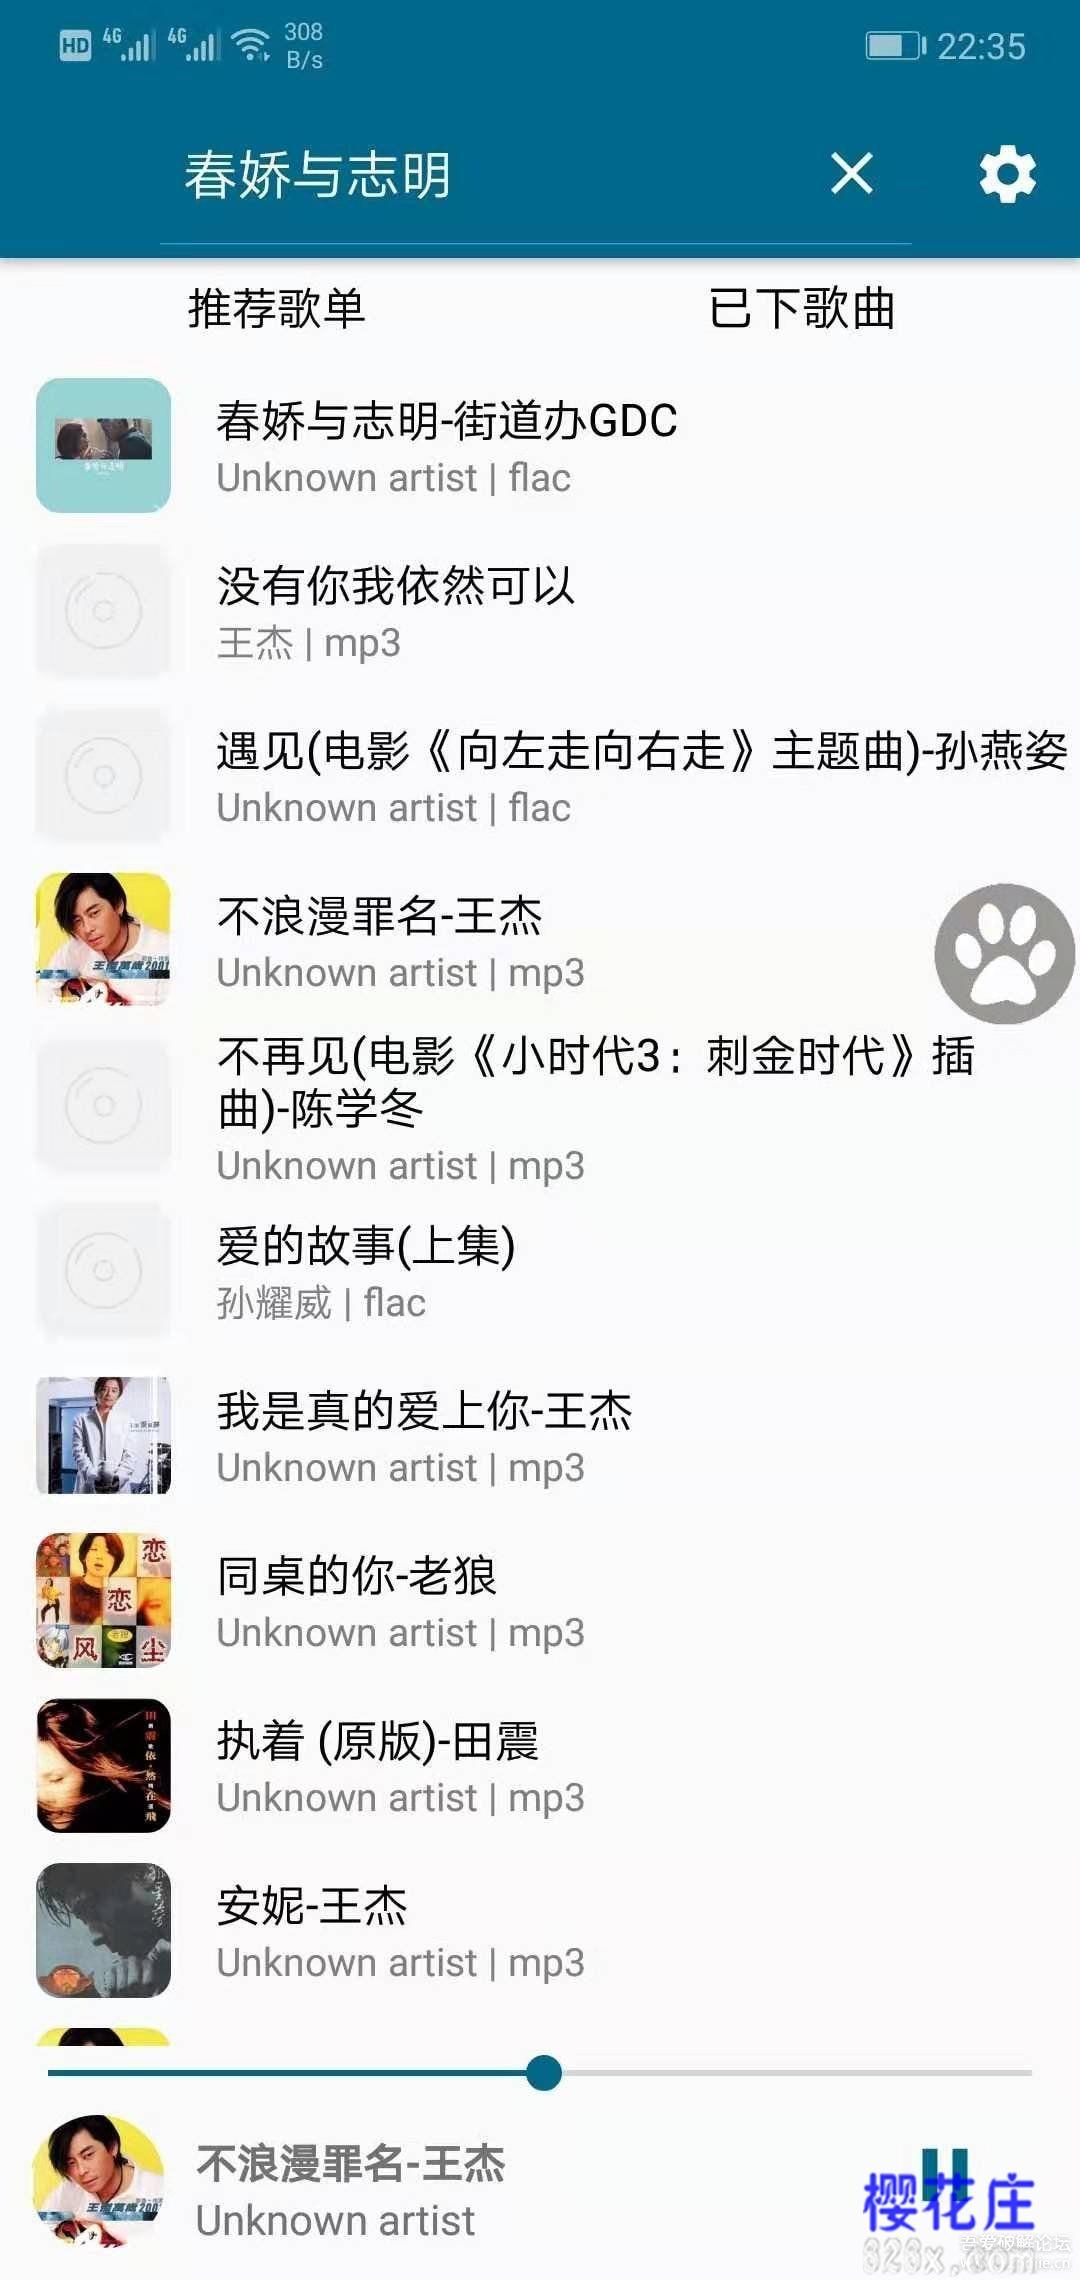 简约却不简单:安卓天天悦听1.2,精品歌单在线听,可直接下载无损音质 配图 No.3